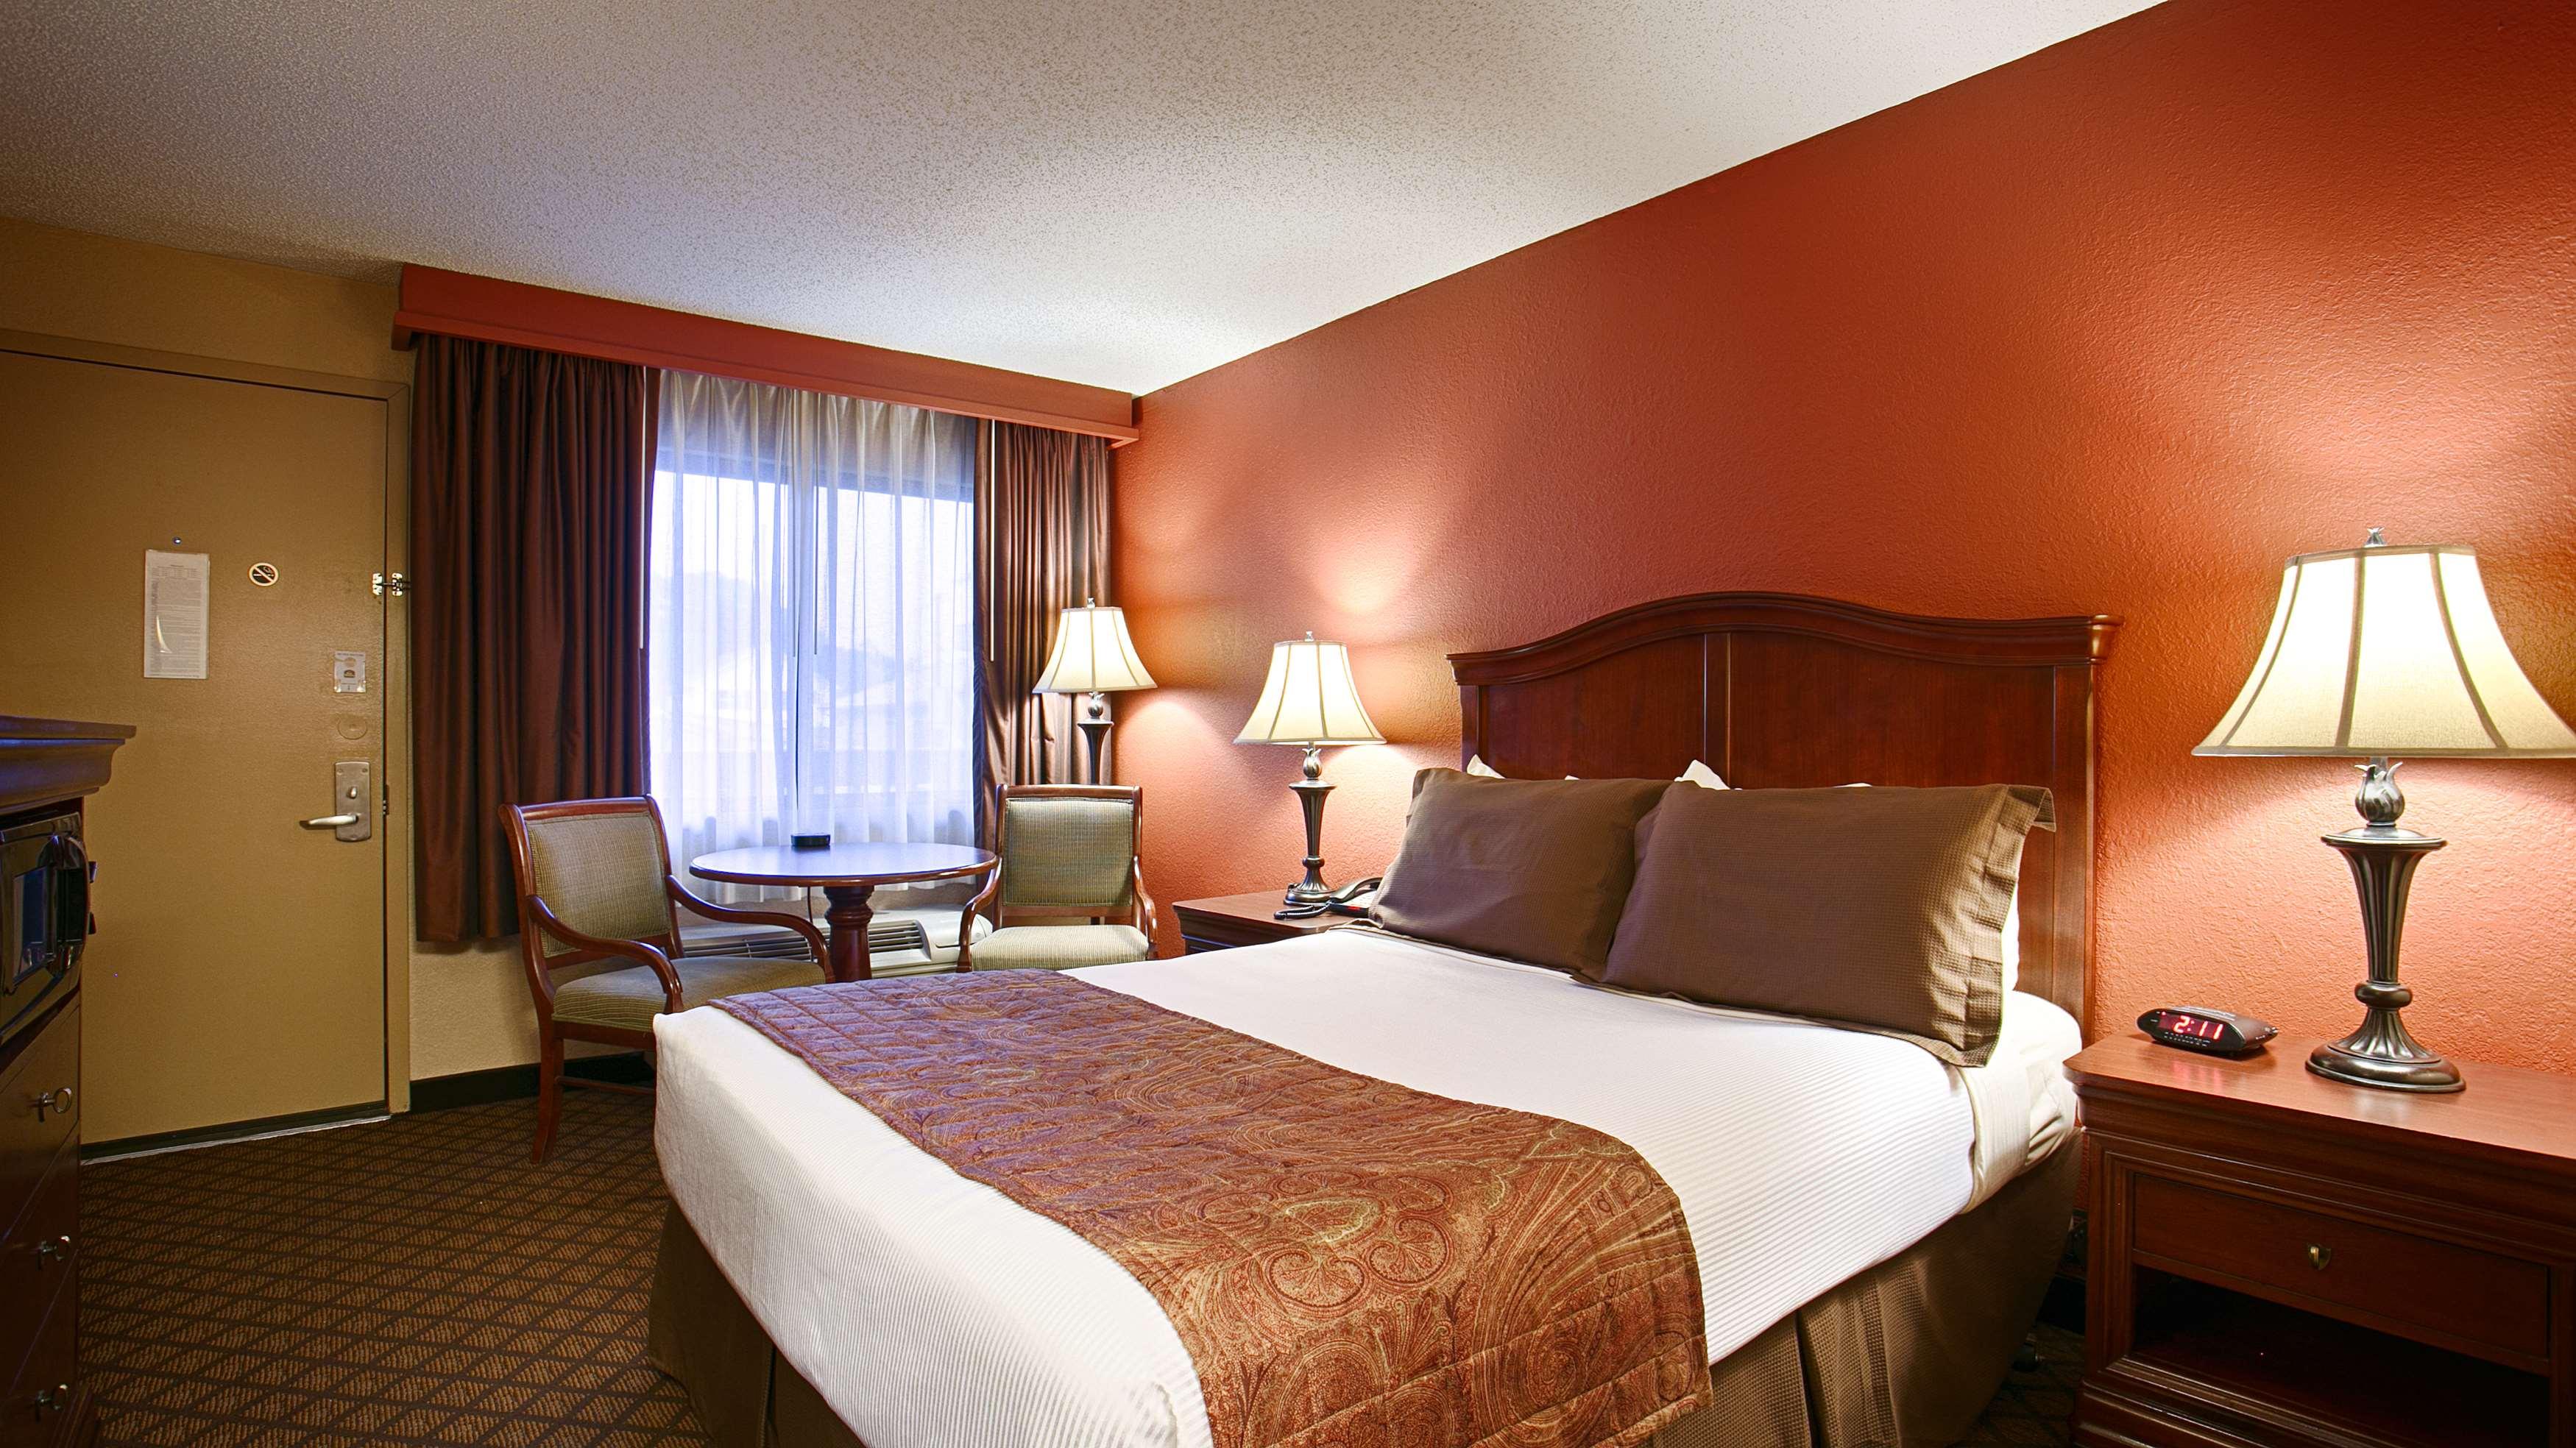 Best Western Plus Landing View Inn & Suites image 15